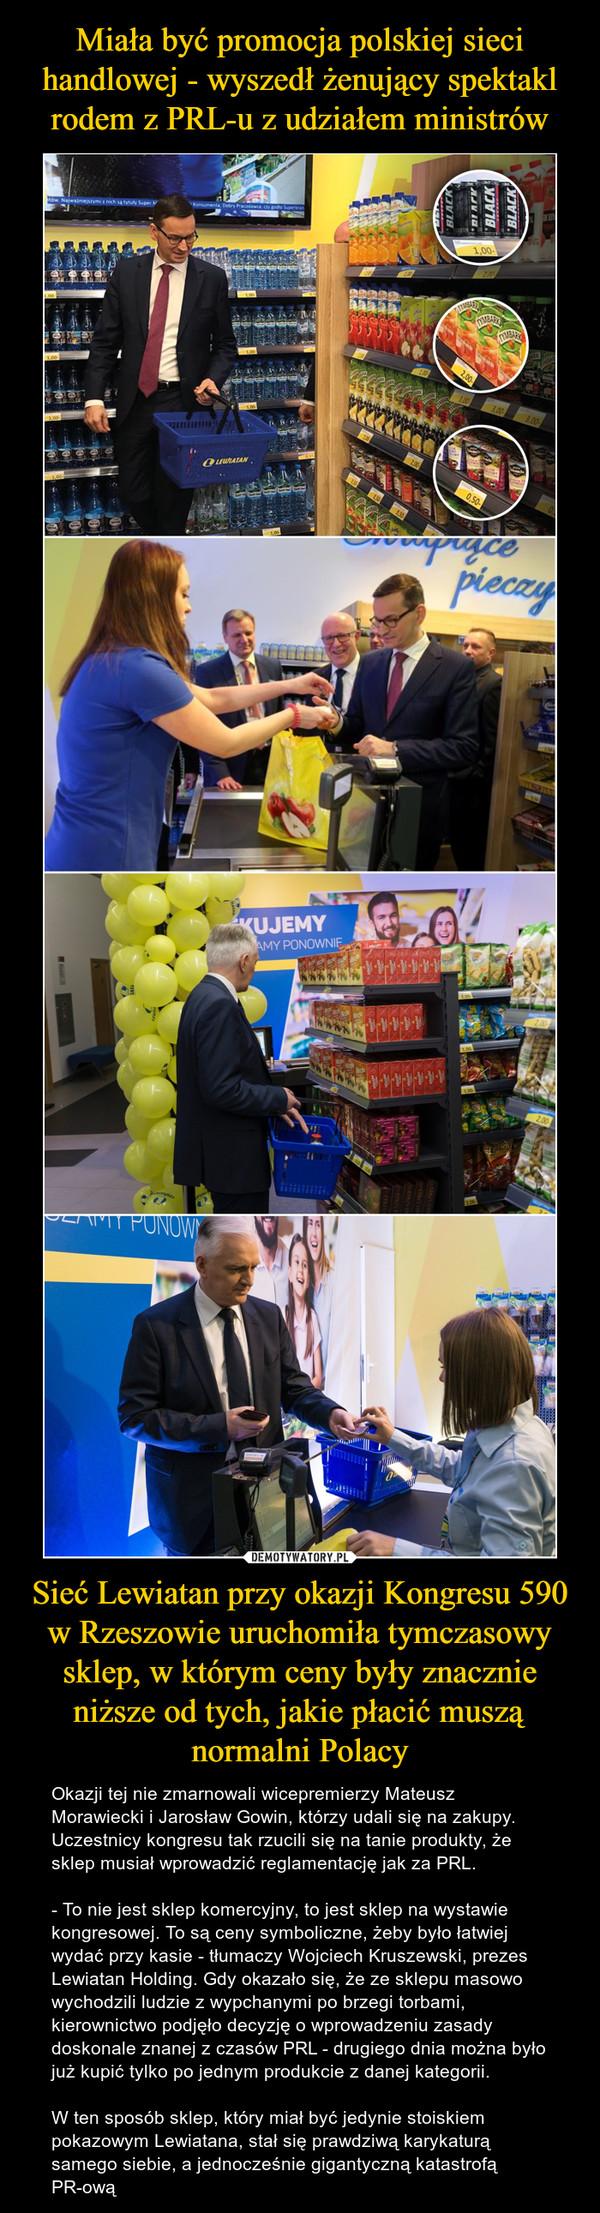 Sieć Lewiatan przy okazji Kongresu 590 w Rzeszowie uruchomiła tymczasowy sklep, w którym ceny były znacznie niższe od tych, jakie płacić muszą normalni Polacy – Okazji tej nie zmarnowali wicepremierzy Mateusz Morawiecki i Jarosław Gowin, którzy udali się na zakupy. Uczestnicy kongresu tak rzucili się na tanie produkty, że sklep musiał wprowadzić reglamentację jak za PRL.- To nie jest sklep komercyjny, to jest sklep na wystawie kongresowej. To są ceny symboliczne, żeby było łatwiej wydać przy kasie - tłumaczy Wojciech Kruszewski, prezes Lewiatan Holding. Gdy okazało się, że ze sklepu masowo wychodzili ludzie z wypchanymi po brzegi torbami, kierownictwo podjęło decyzję o wprowadzeniu zasady doskonale znanej z czasów PRL - drugiego dnia można było już kupić tylko po jednym produkcie z danej kategorii.W ten sposób sklep, który miał być jedynie stoiskiem pokazowym Lewiatana, stał się prawdziwą karykaturą samego siebie, a jednocześnie gigantyczną katastrofą PR-ową